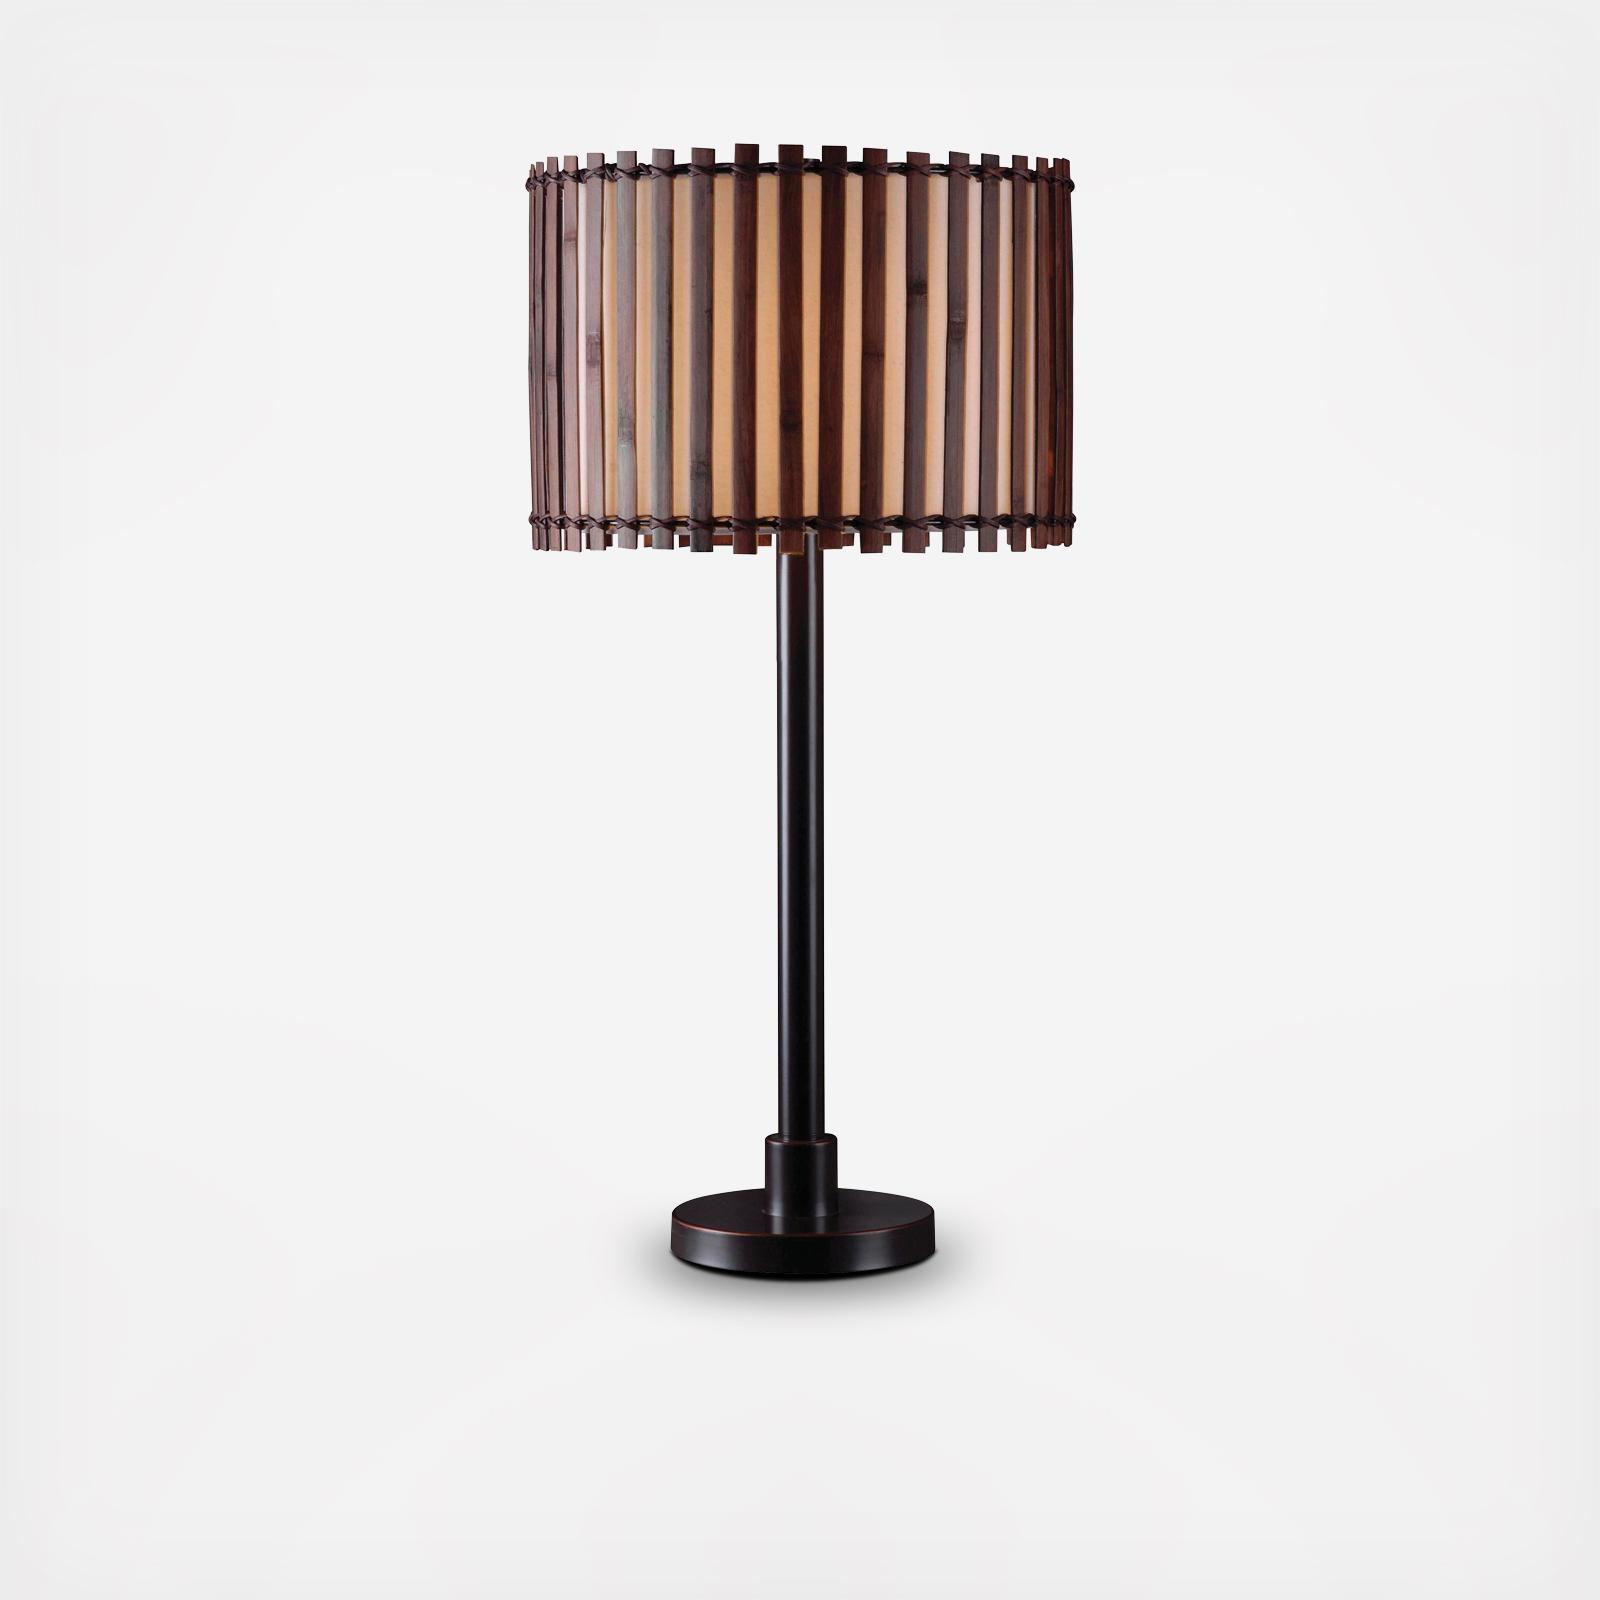 Kenroy Home Bora Outdoor Table Lamp Zola